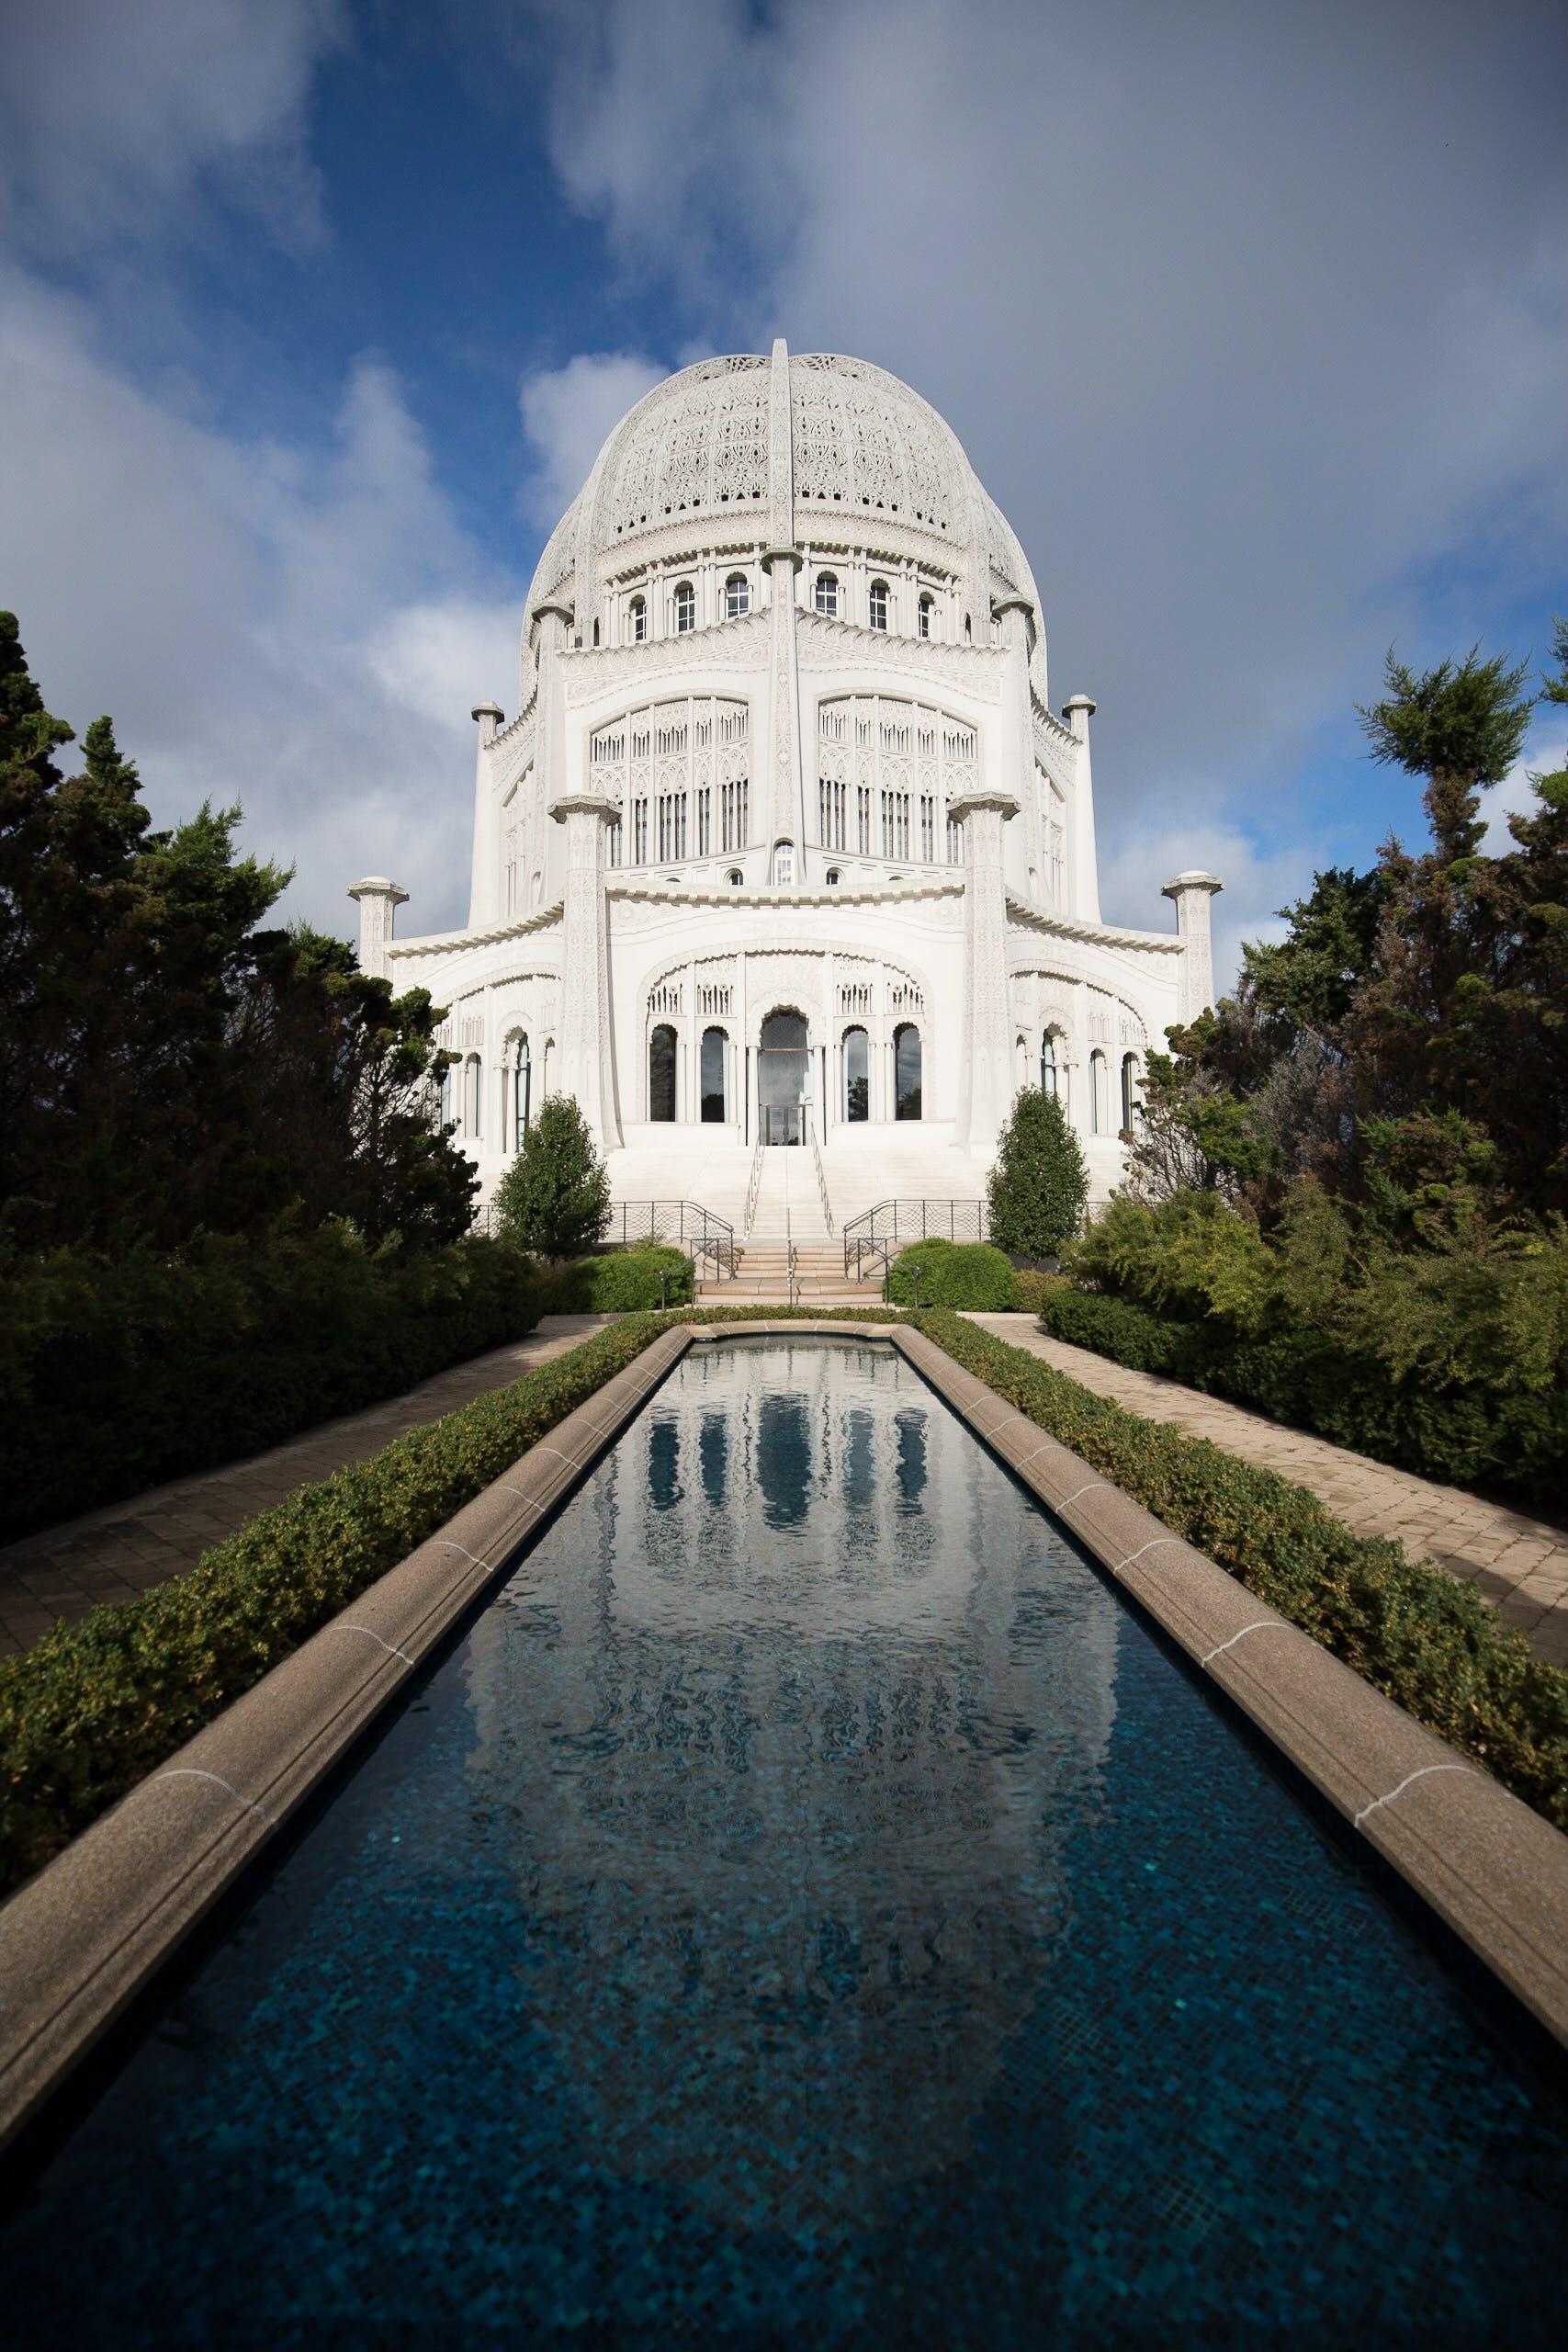 Gratis lagerfoto af arkitektur, bygning, kuppel, refleksion